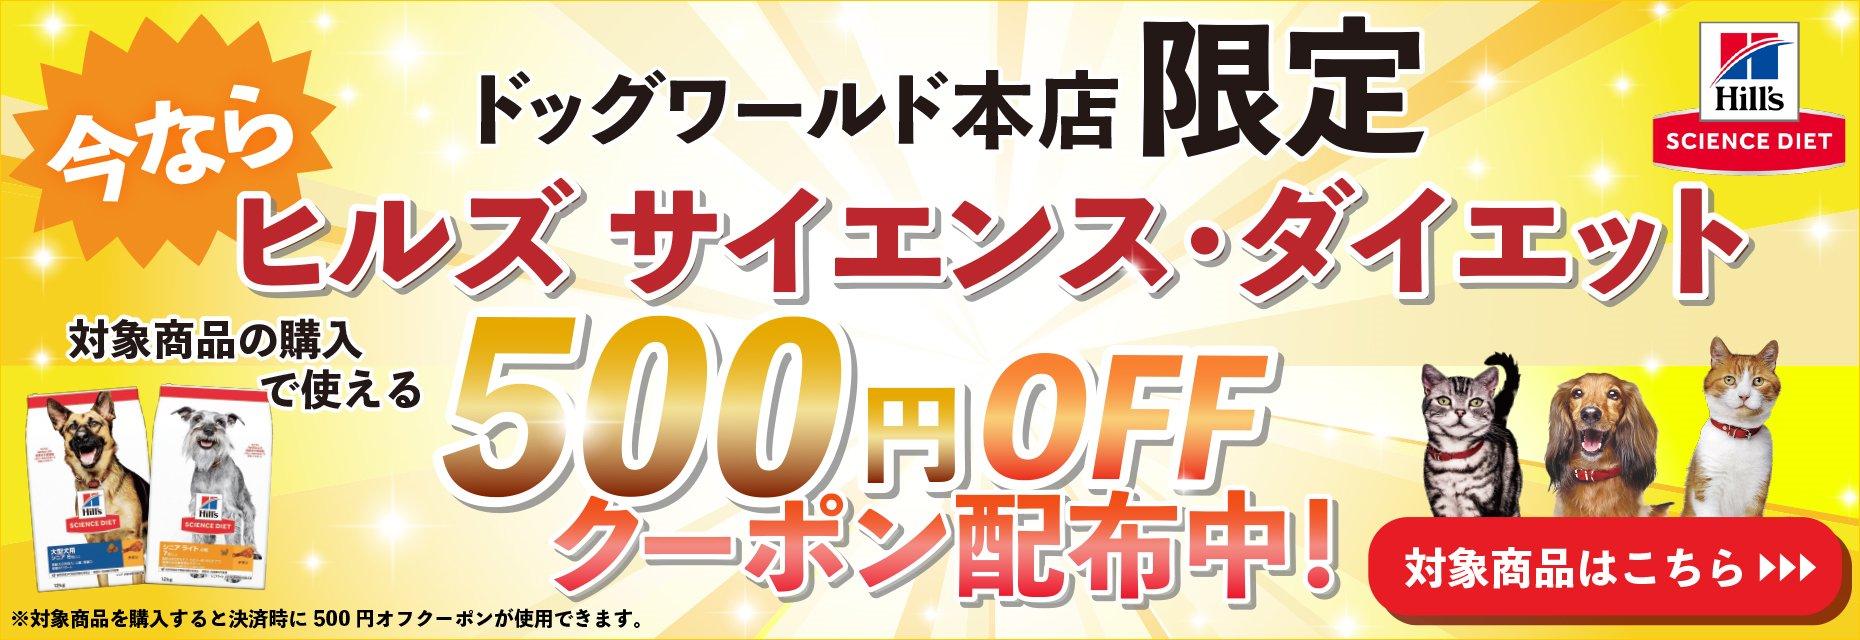 サイエンス・ダイエット500円クーポン